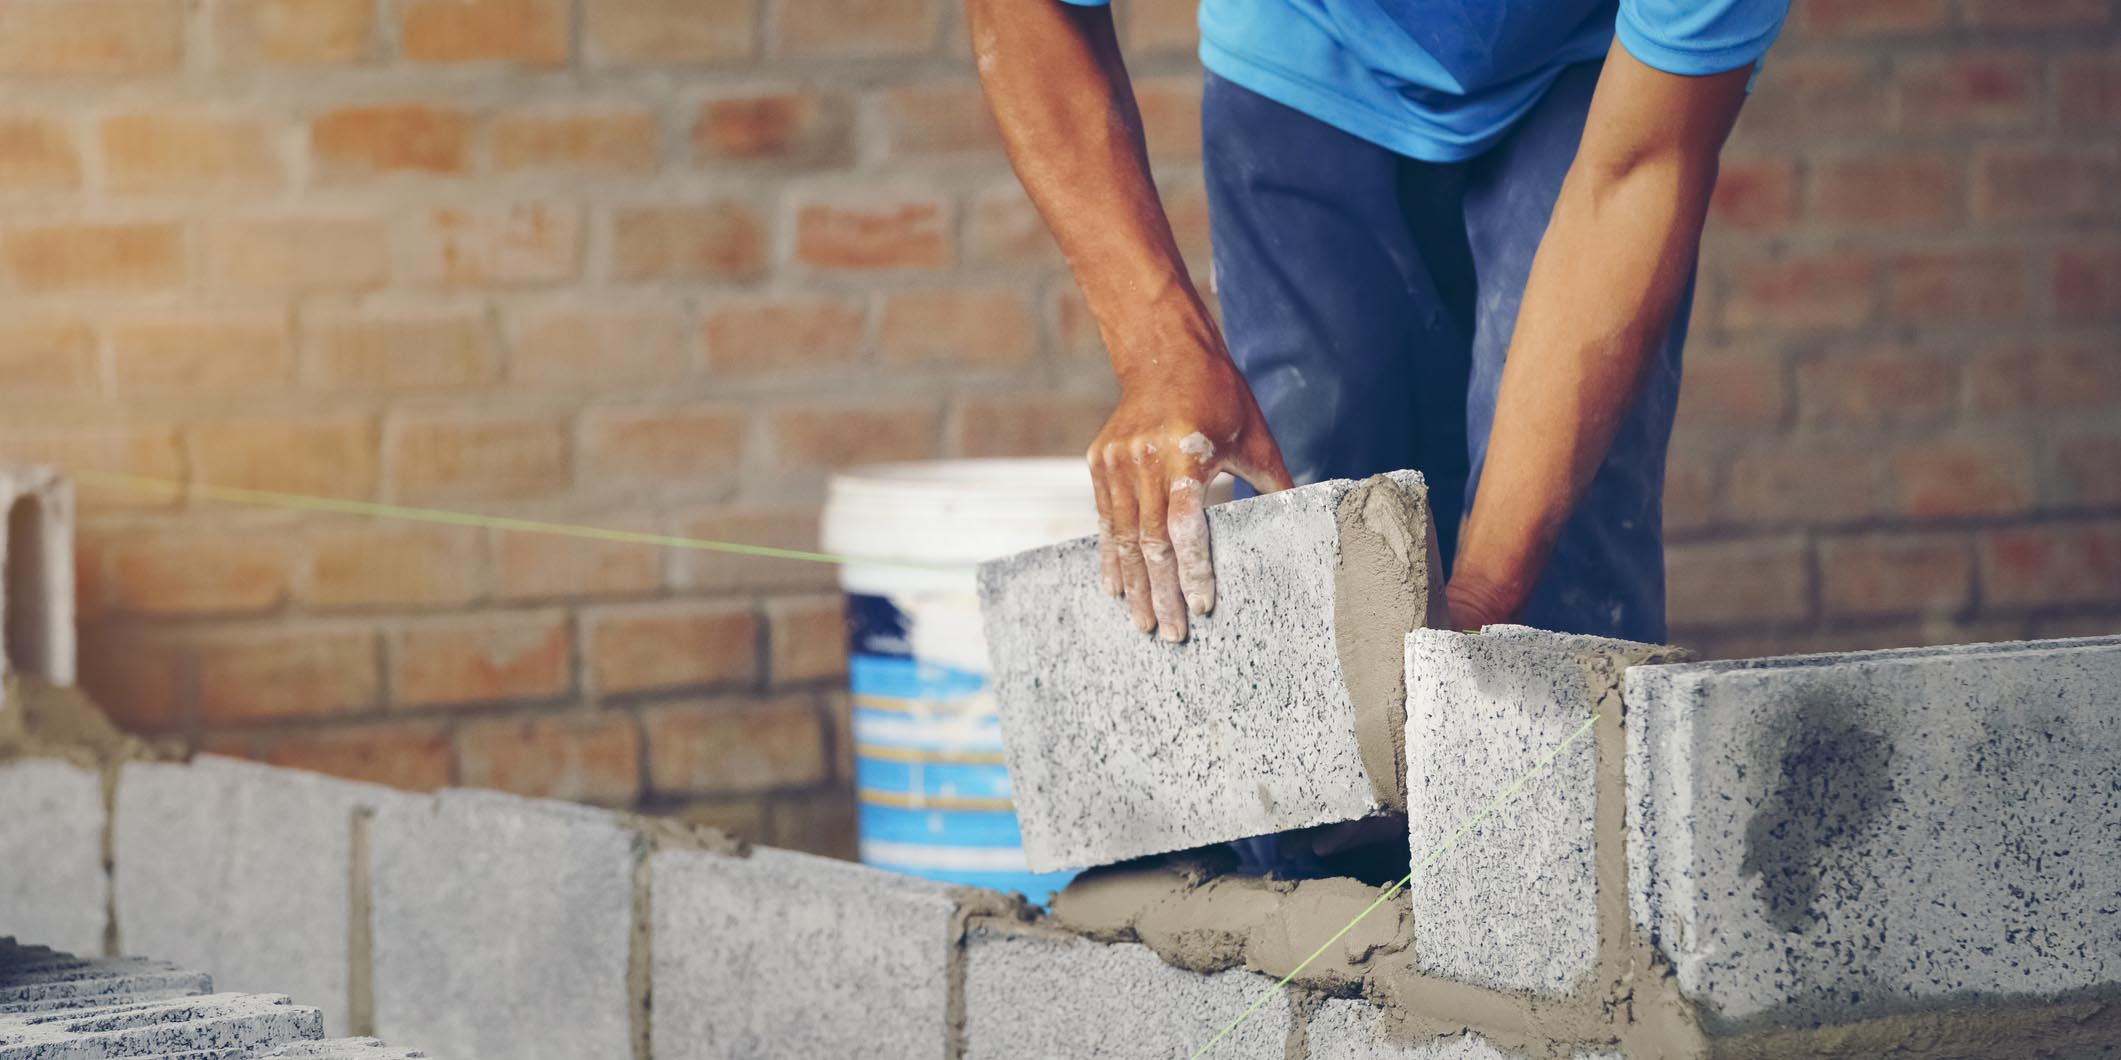 Sedatu invertirá 6 mil 650 mdp en estrategia de vivienda popular | El Imparcial de Oaxaca